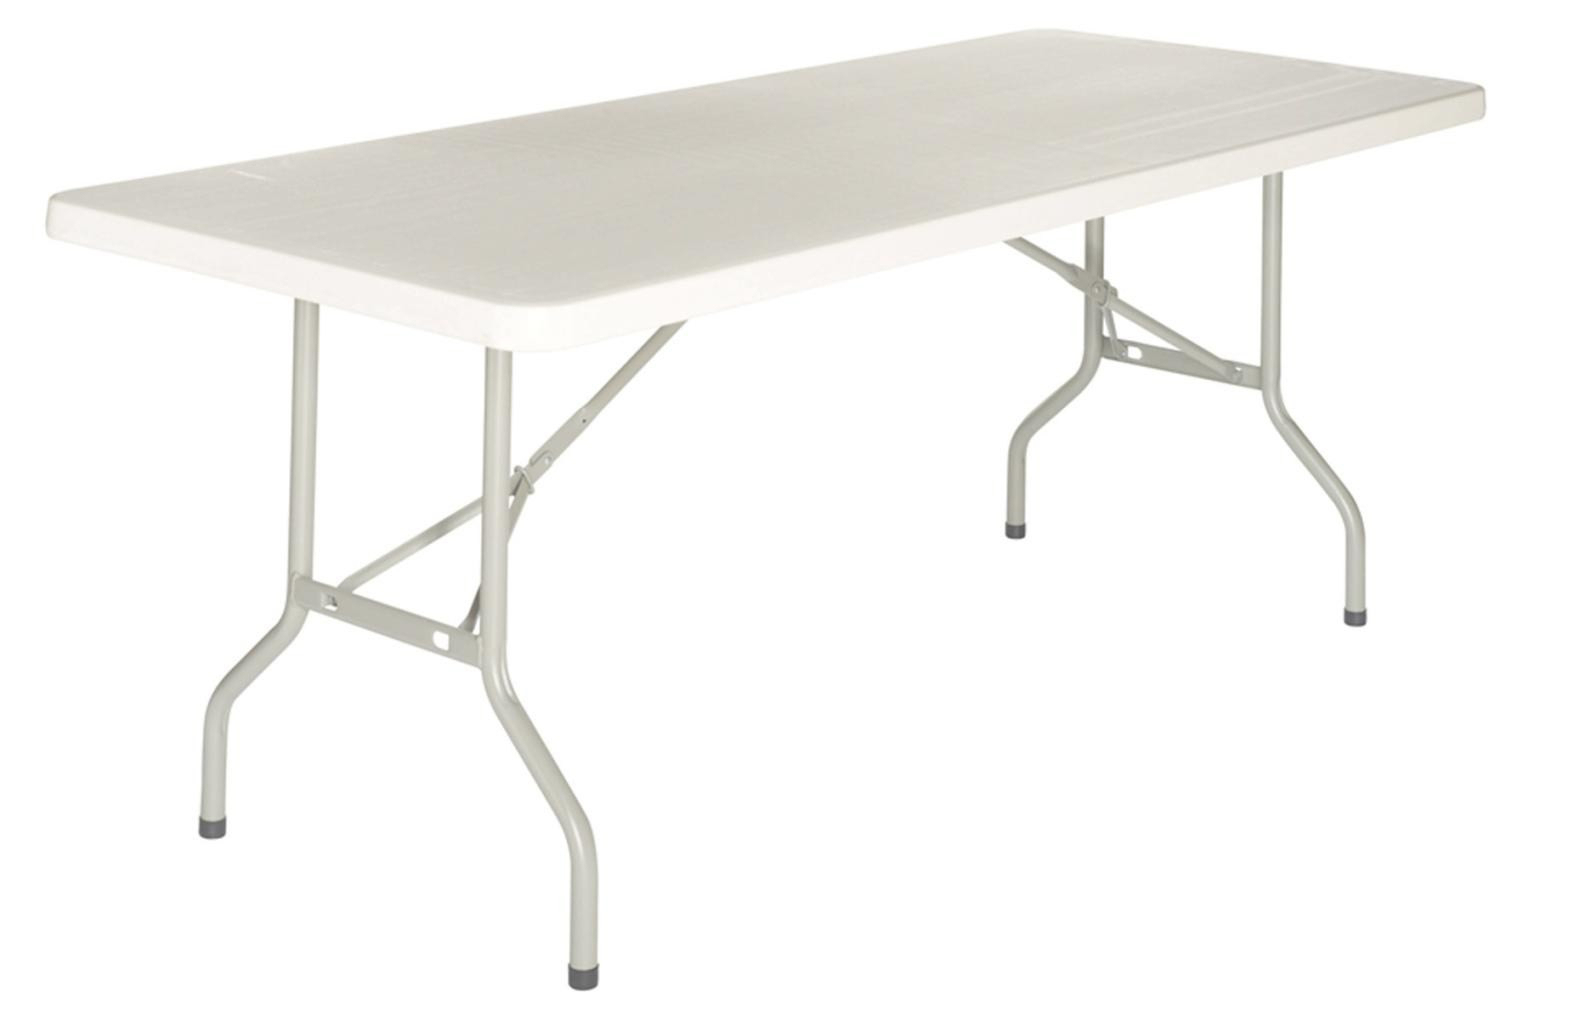 Table Tapisser Castorama Pliante Ocai Cmincroyable À Table ... dedans Table De Jardin Pliante Castorama